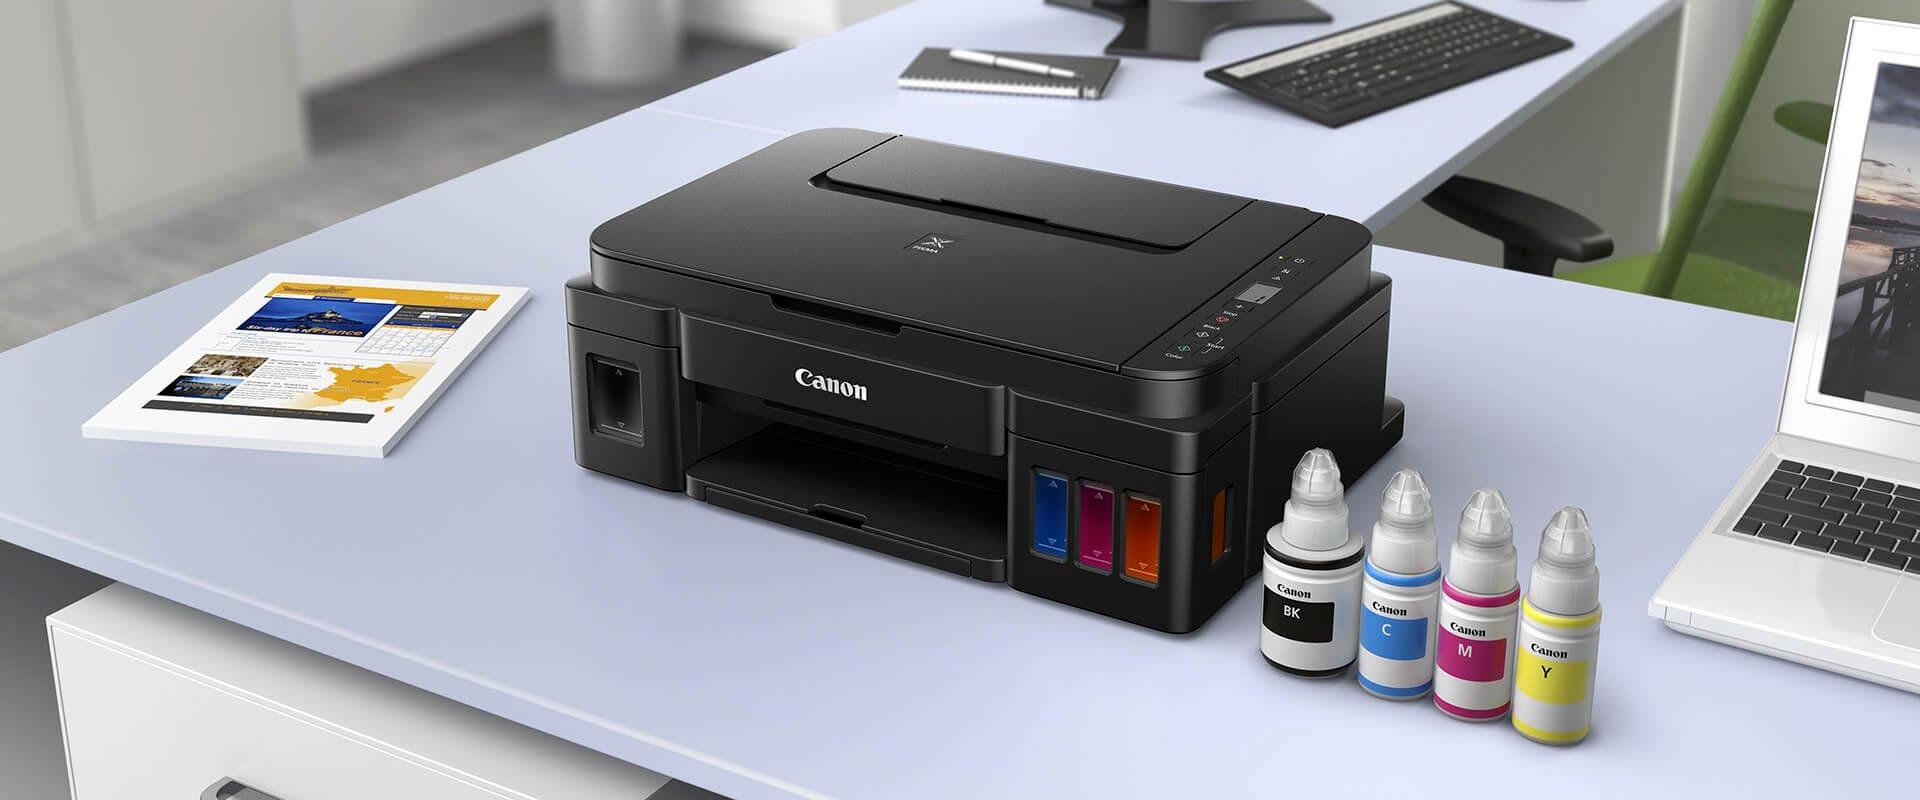 Sabisystems – Distributeur officiel des produits : Canon